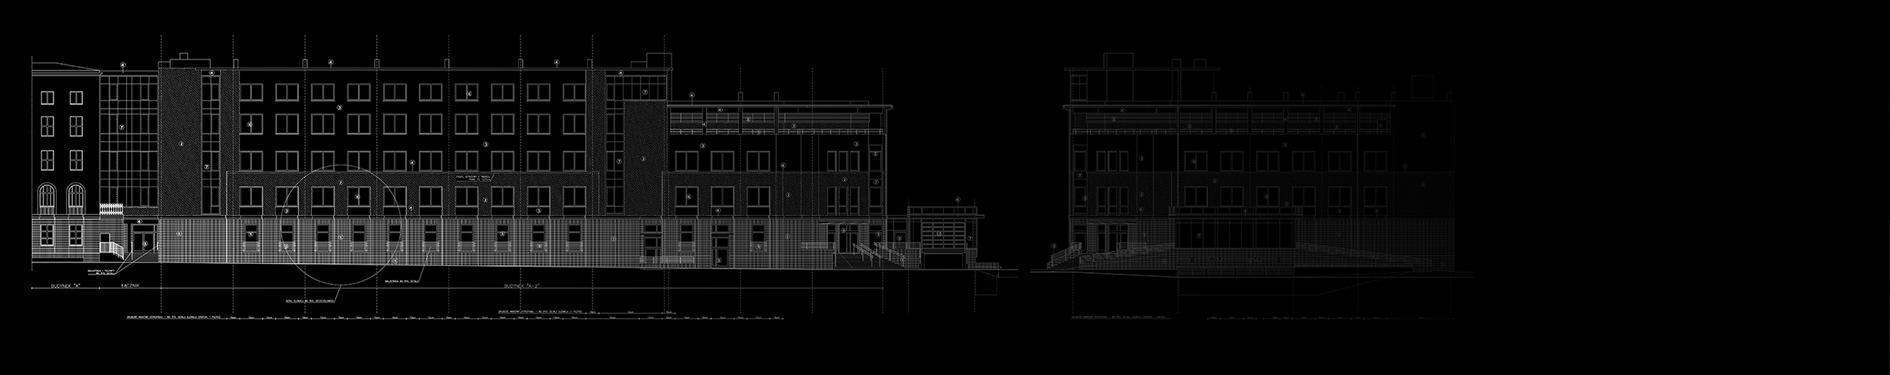 projekt budynku w kolarze czarno białym